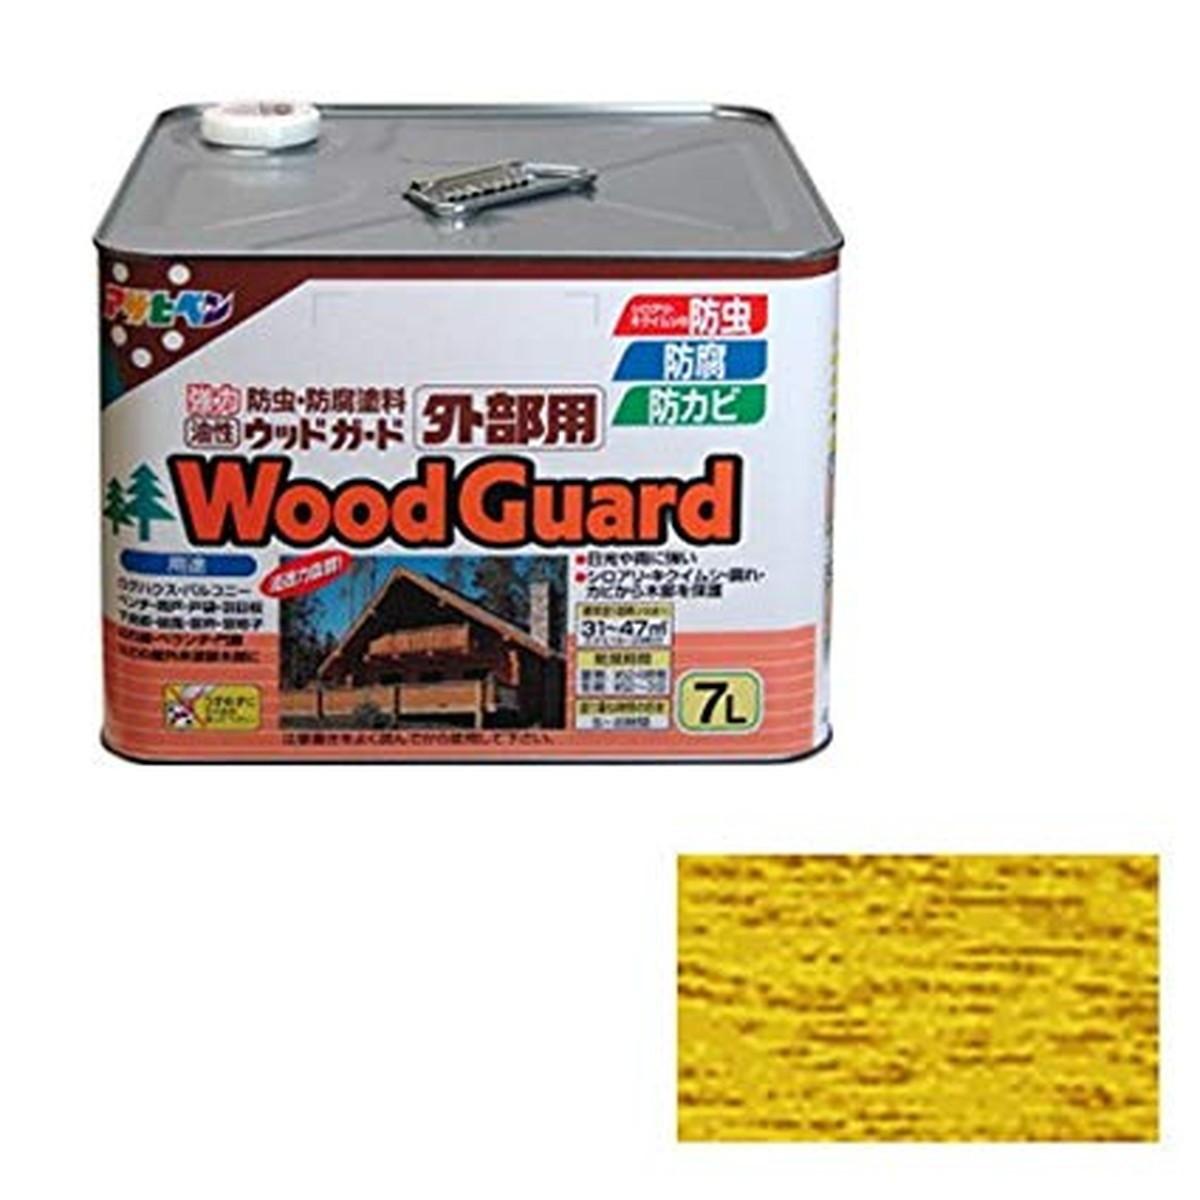 アサヒペン ウッドガード外部用 7L パイン 15【クーポン配布中】